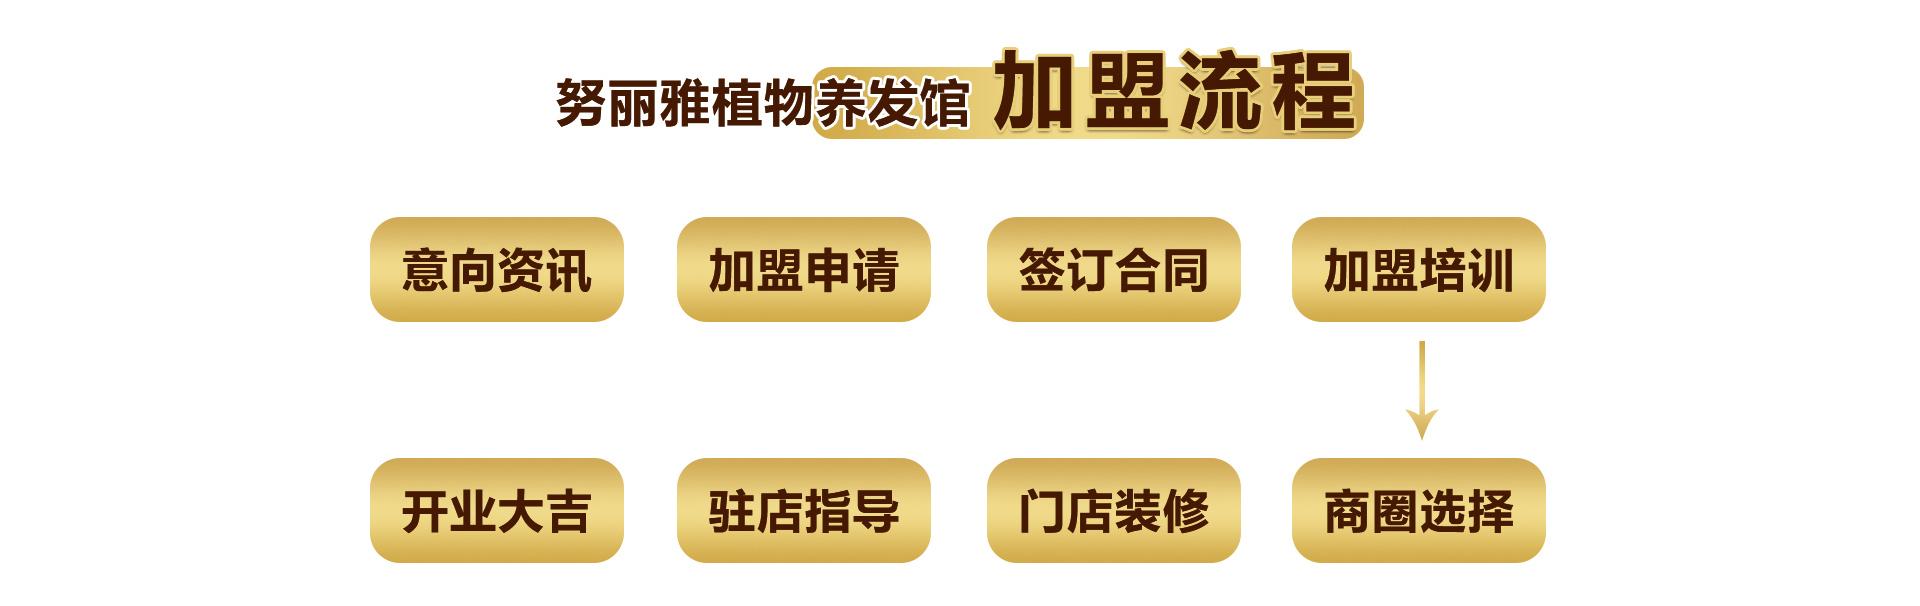 努丽雅植物养发馆nly_16